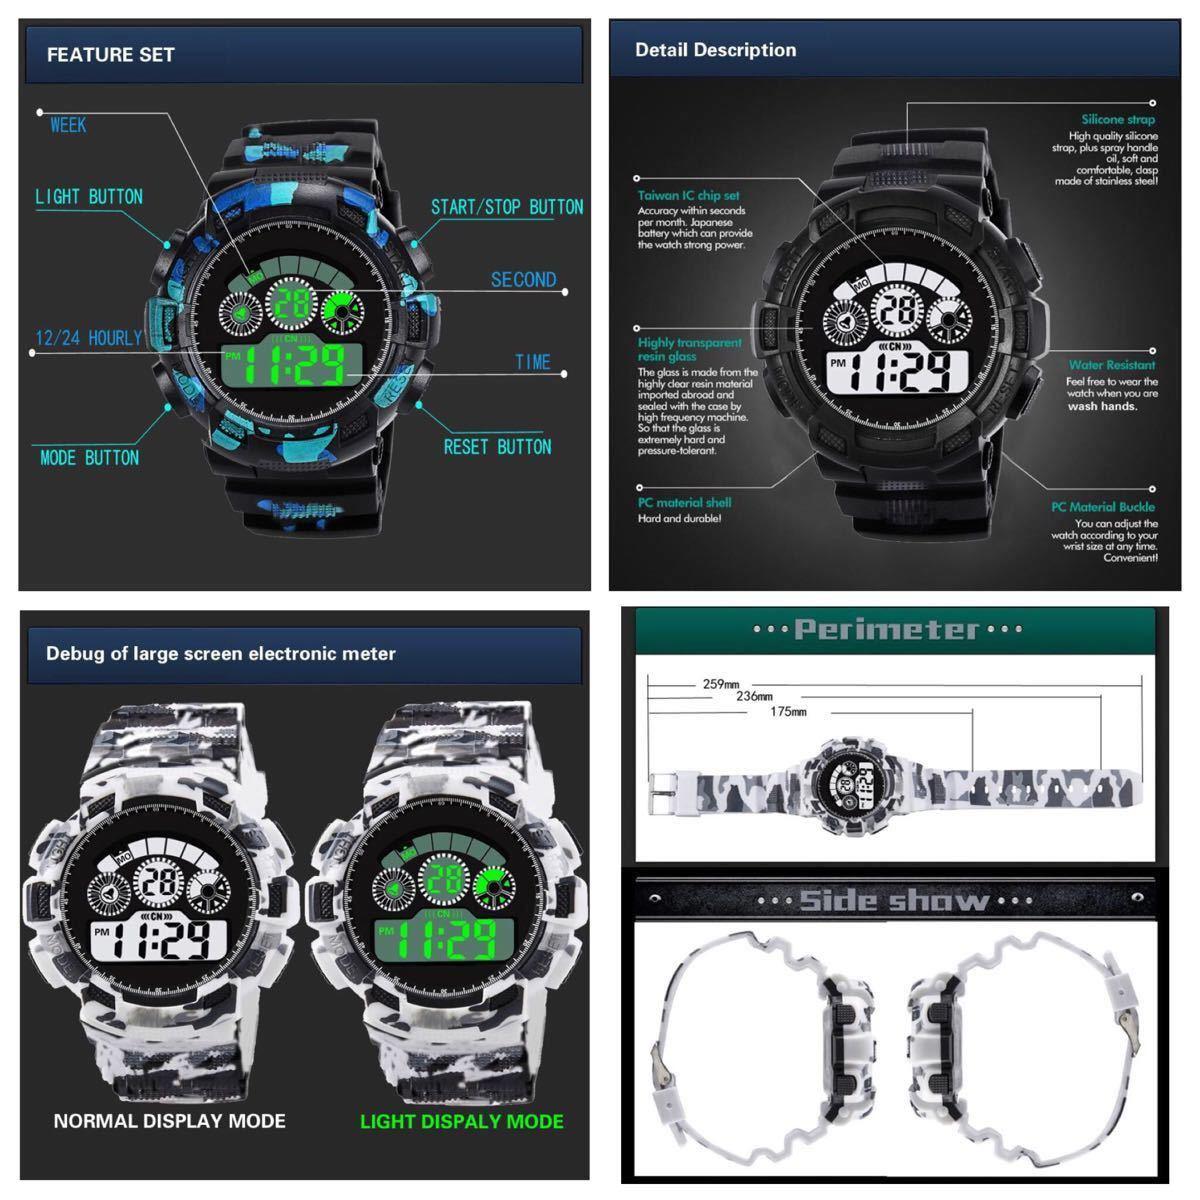 スポーツ腕時計 LEDライト デジタル 腕時計 ミリタリー 耐久性 スポーツ アウトドア ランニング アウトドア カモフラージュ 白_画像6